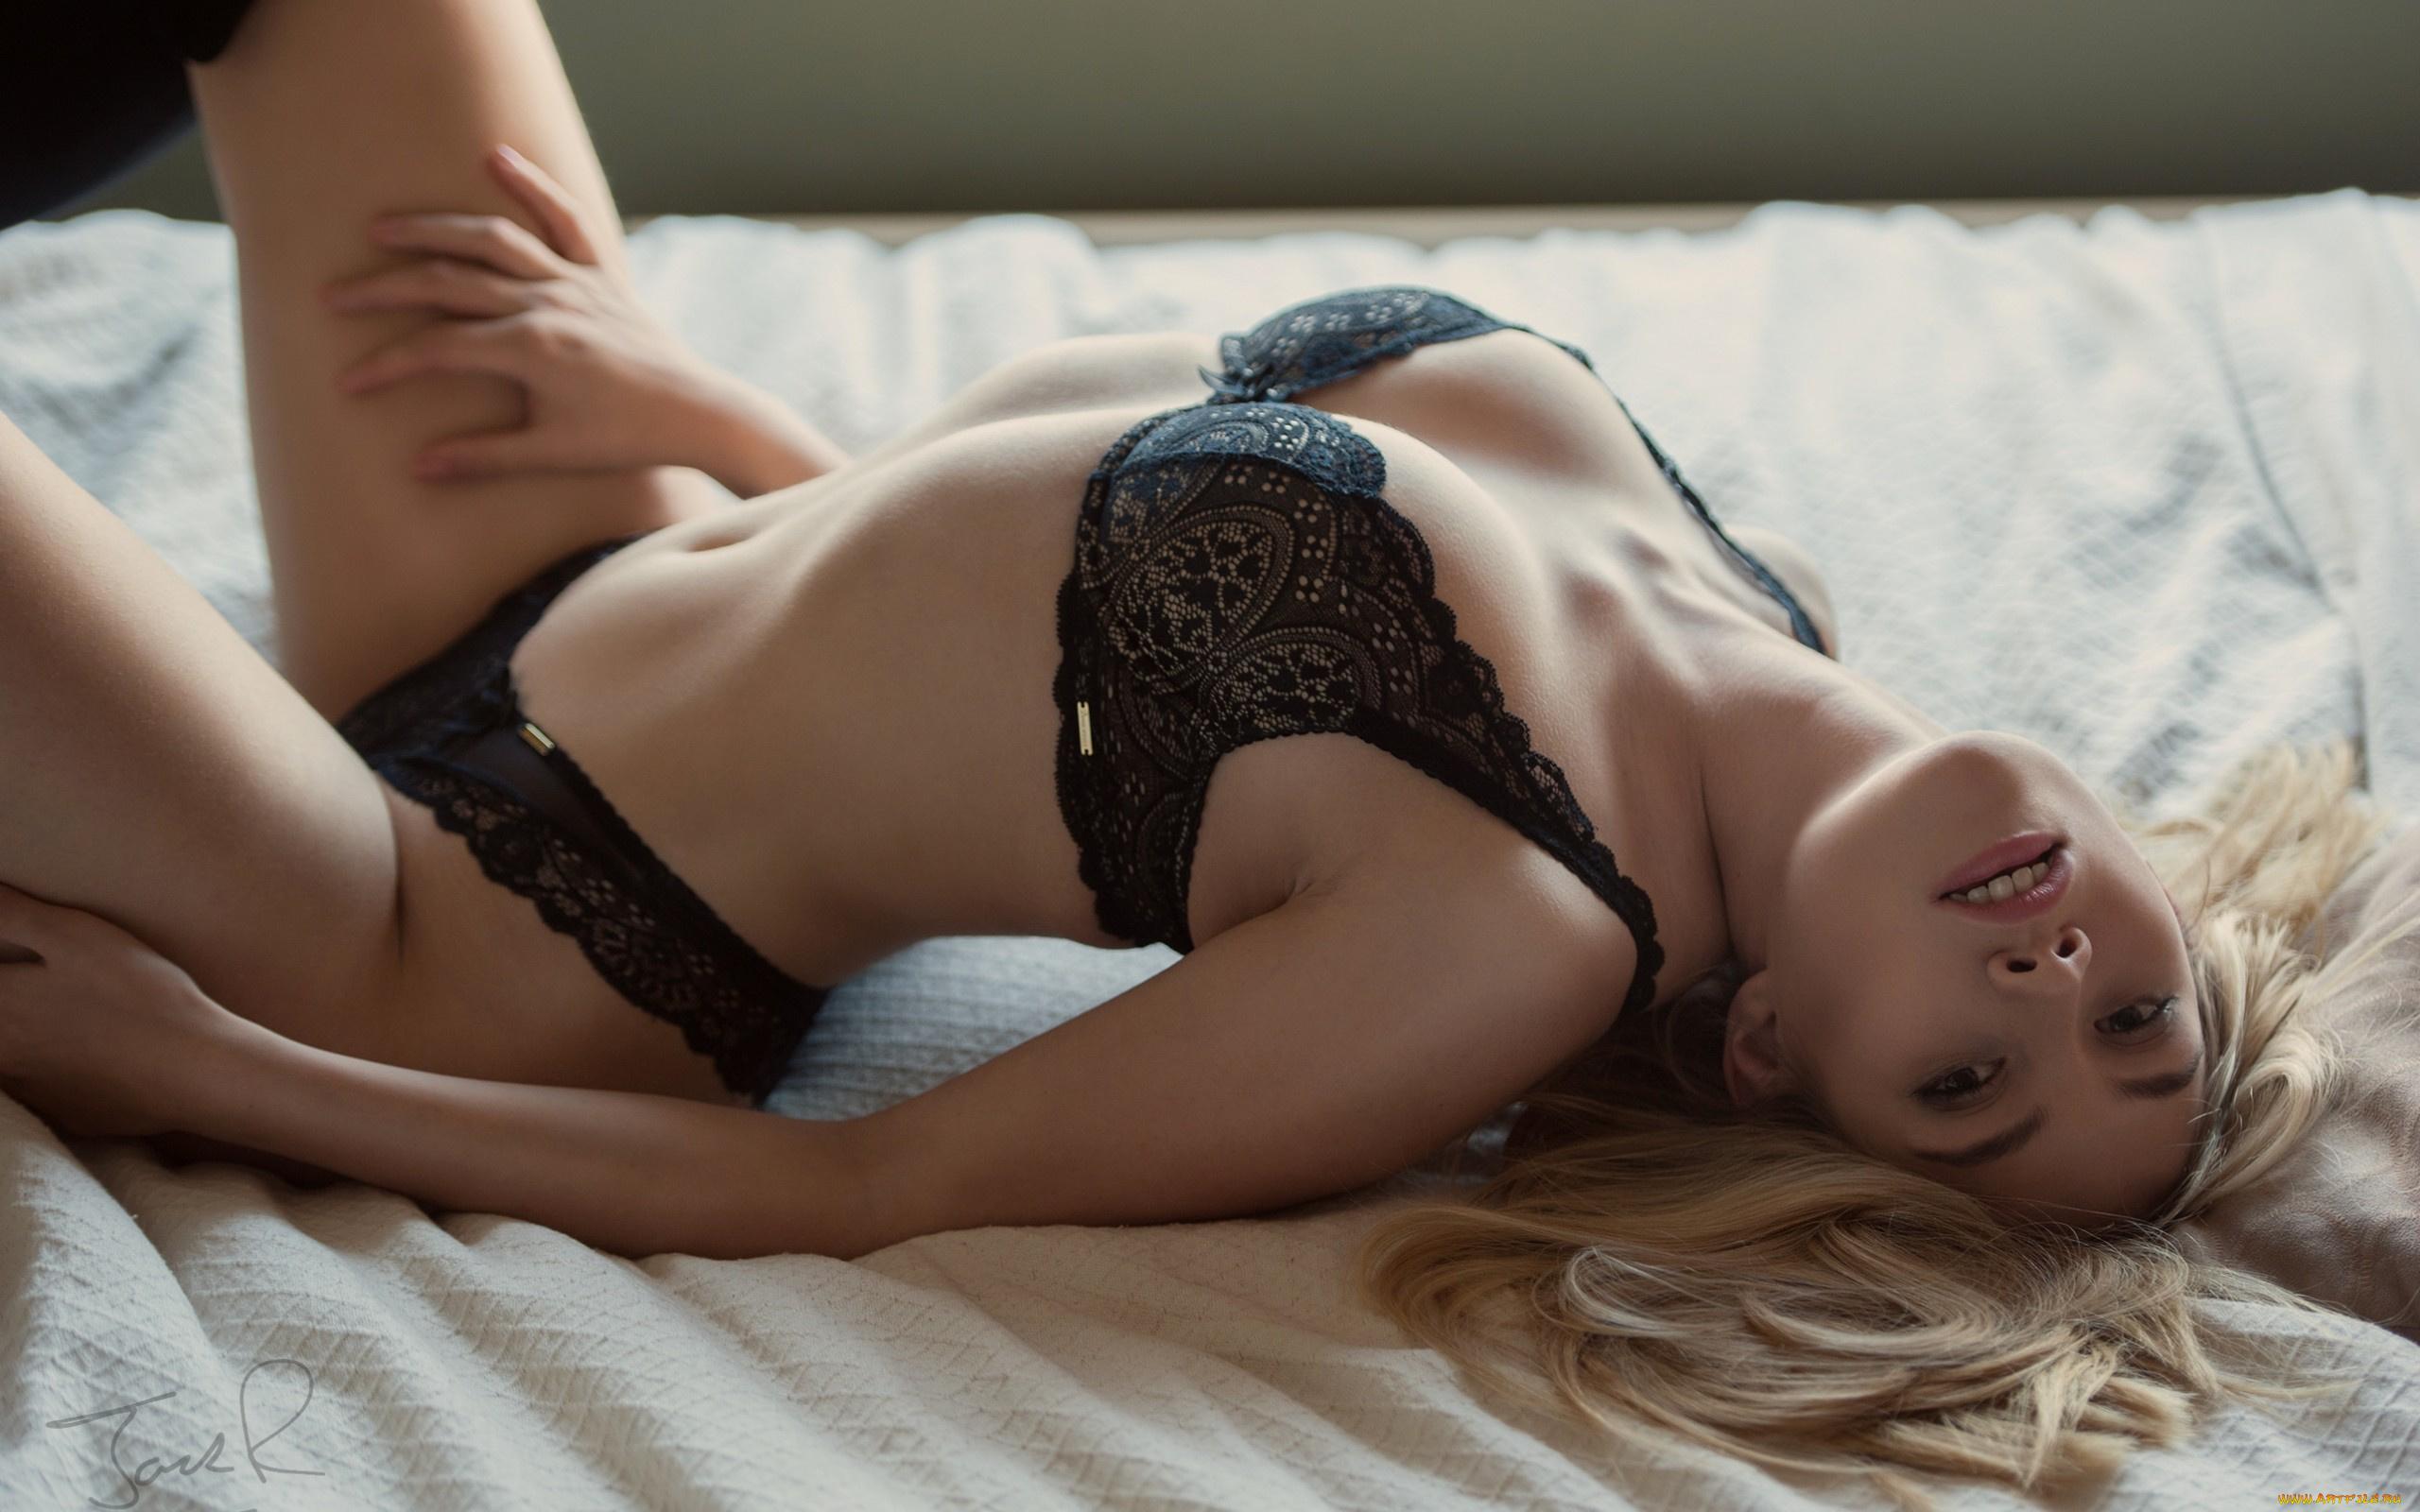 Для блондинка ласкает себя в красивом нижнем белье женщины порно фото